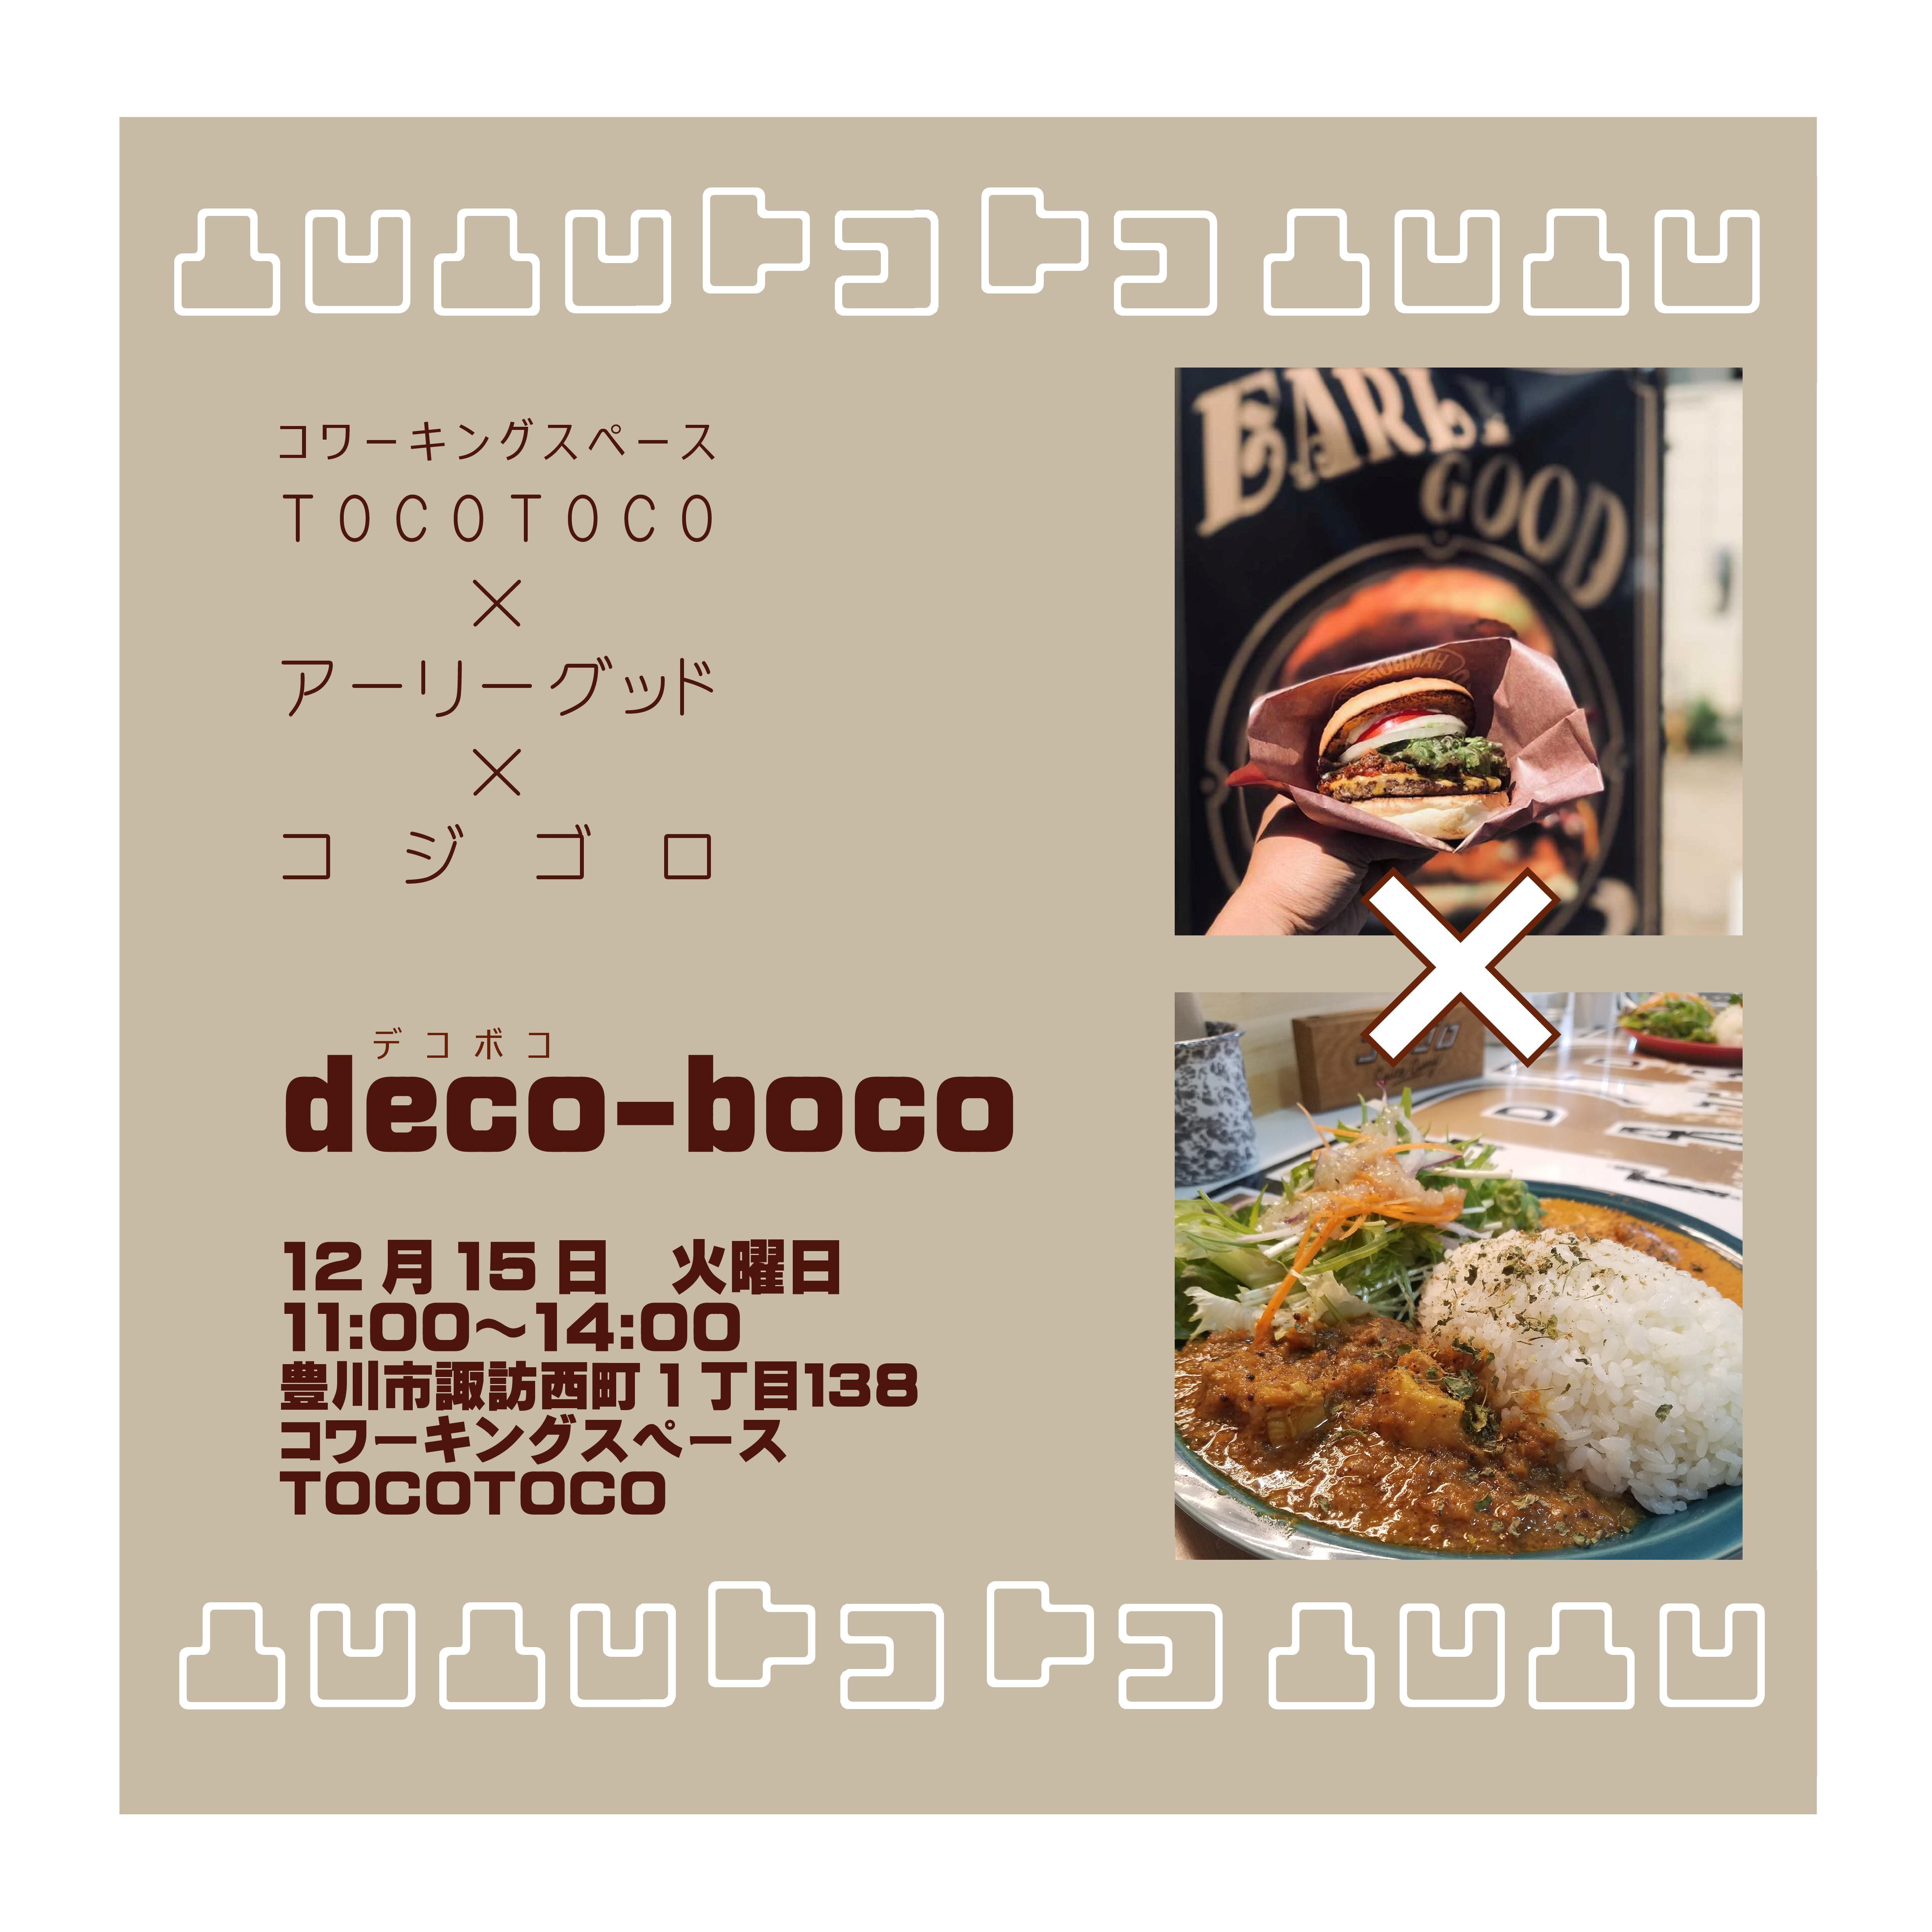 ランチタイムイベント「deco-boco」